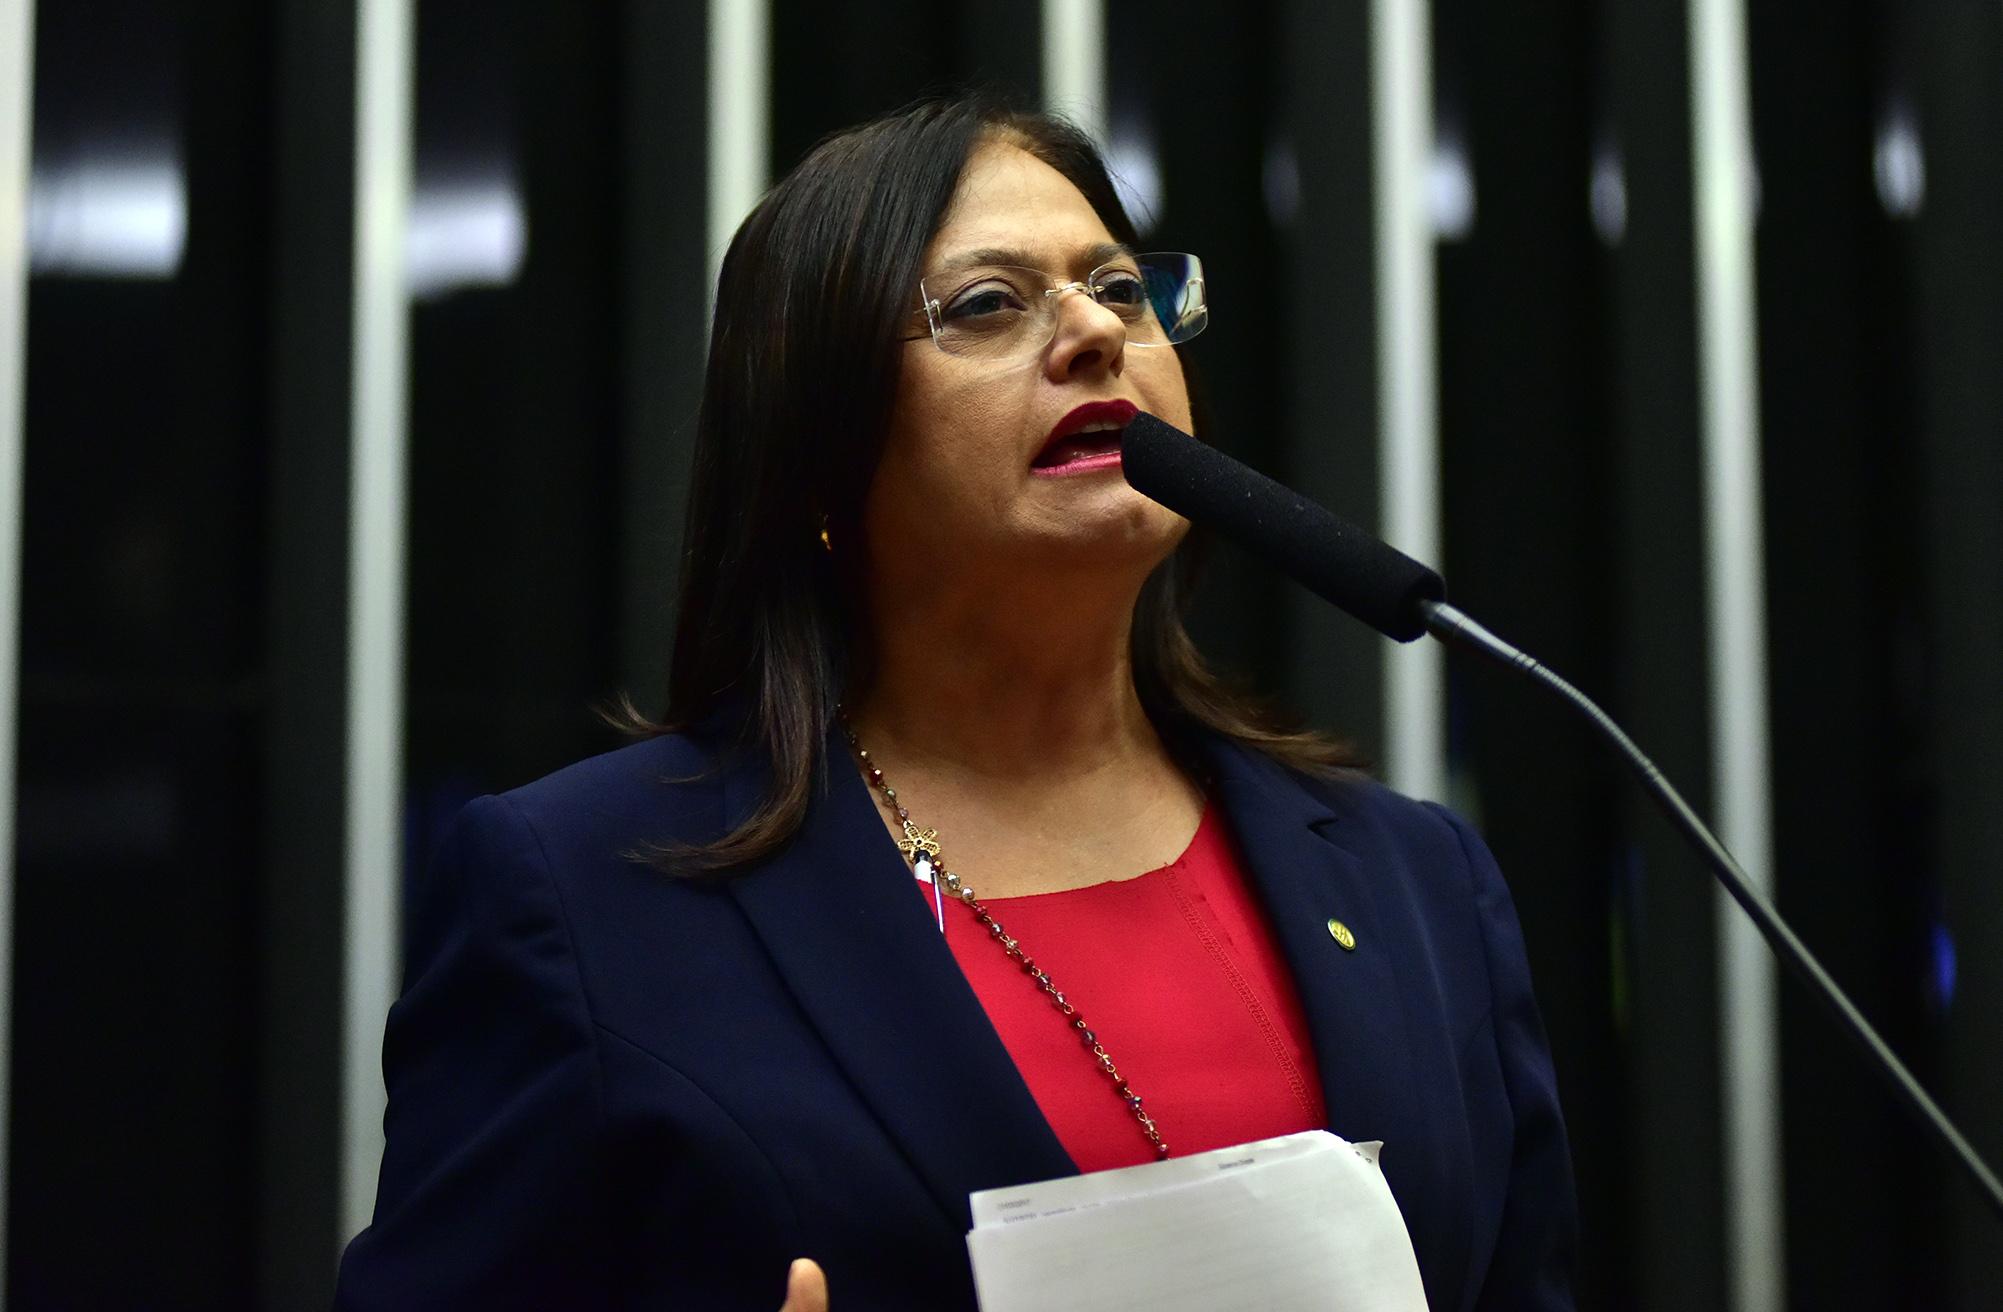 Sessão extraordinária da Câmara dos Deputados para discussão e votação de diversos projetos. Dep. Alice Portugal (PCdoB-BA)